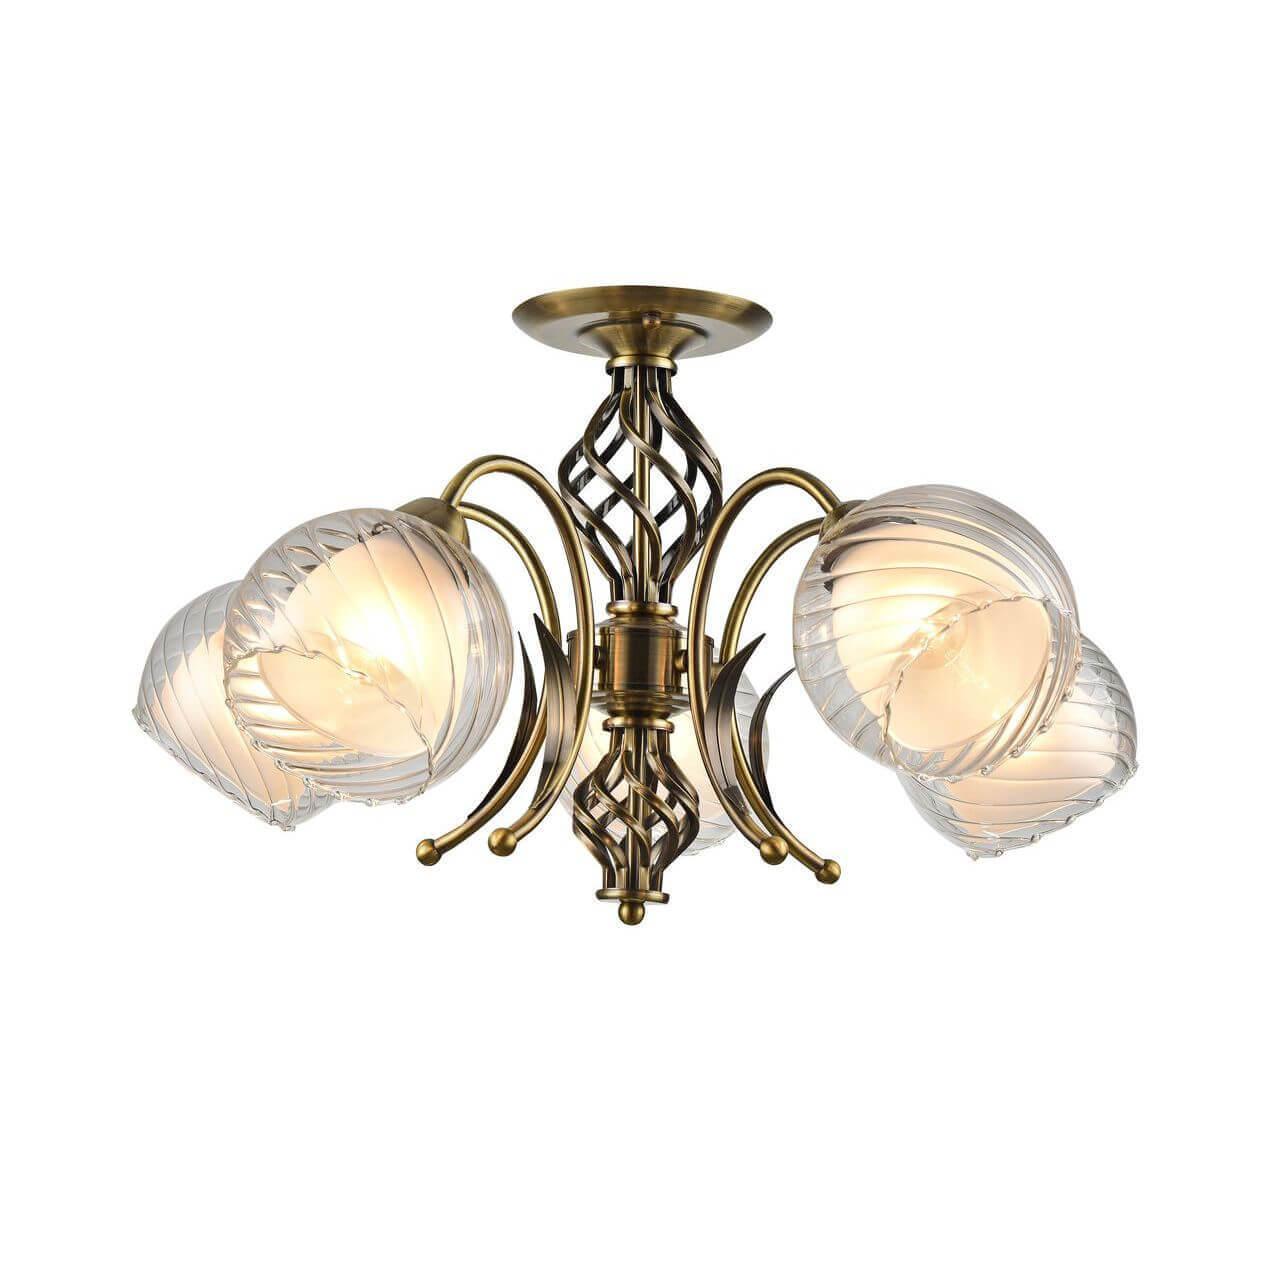 Люстра Arte Lamp A1607PL-5AB Dolcemente потолочная люстра id lamp fort wayne 830 8pf whitechrome